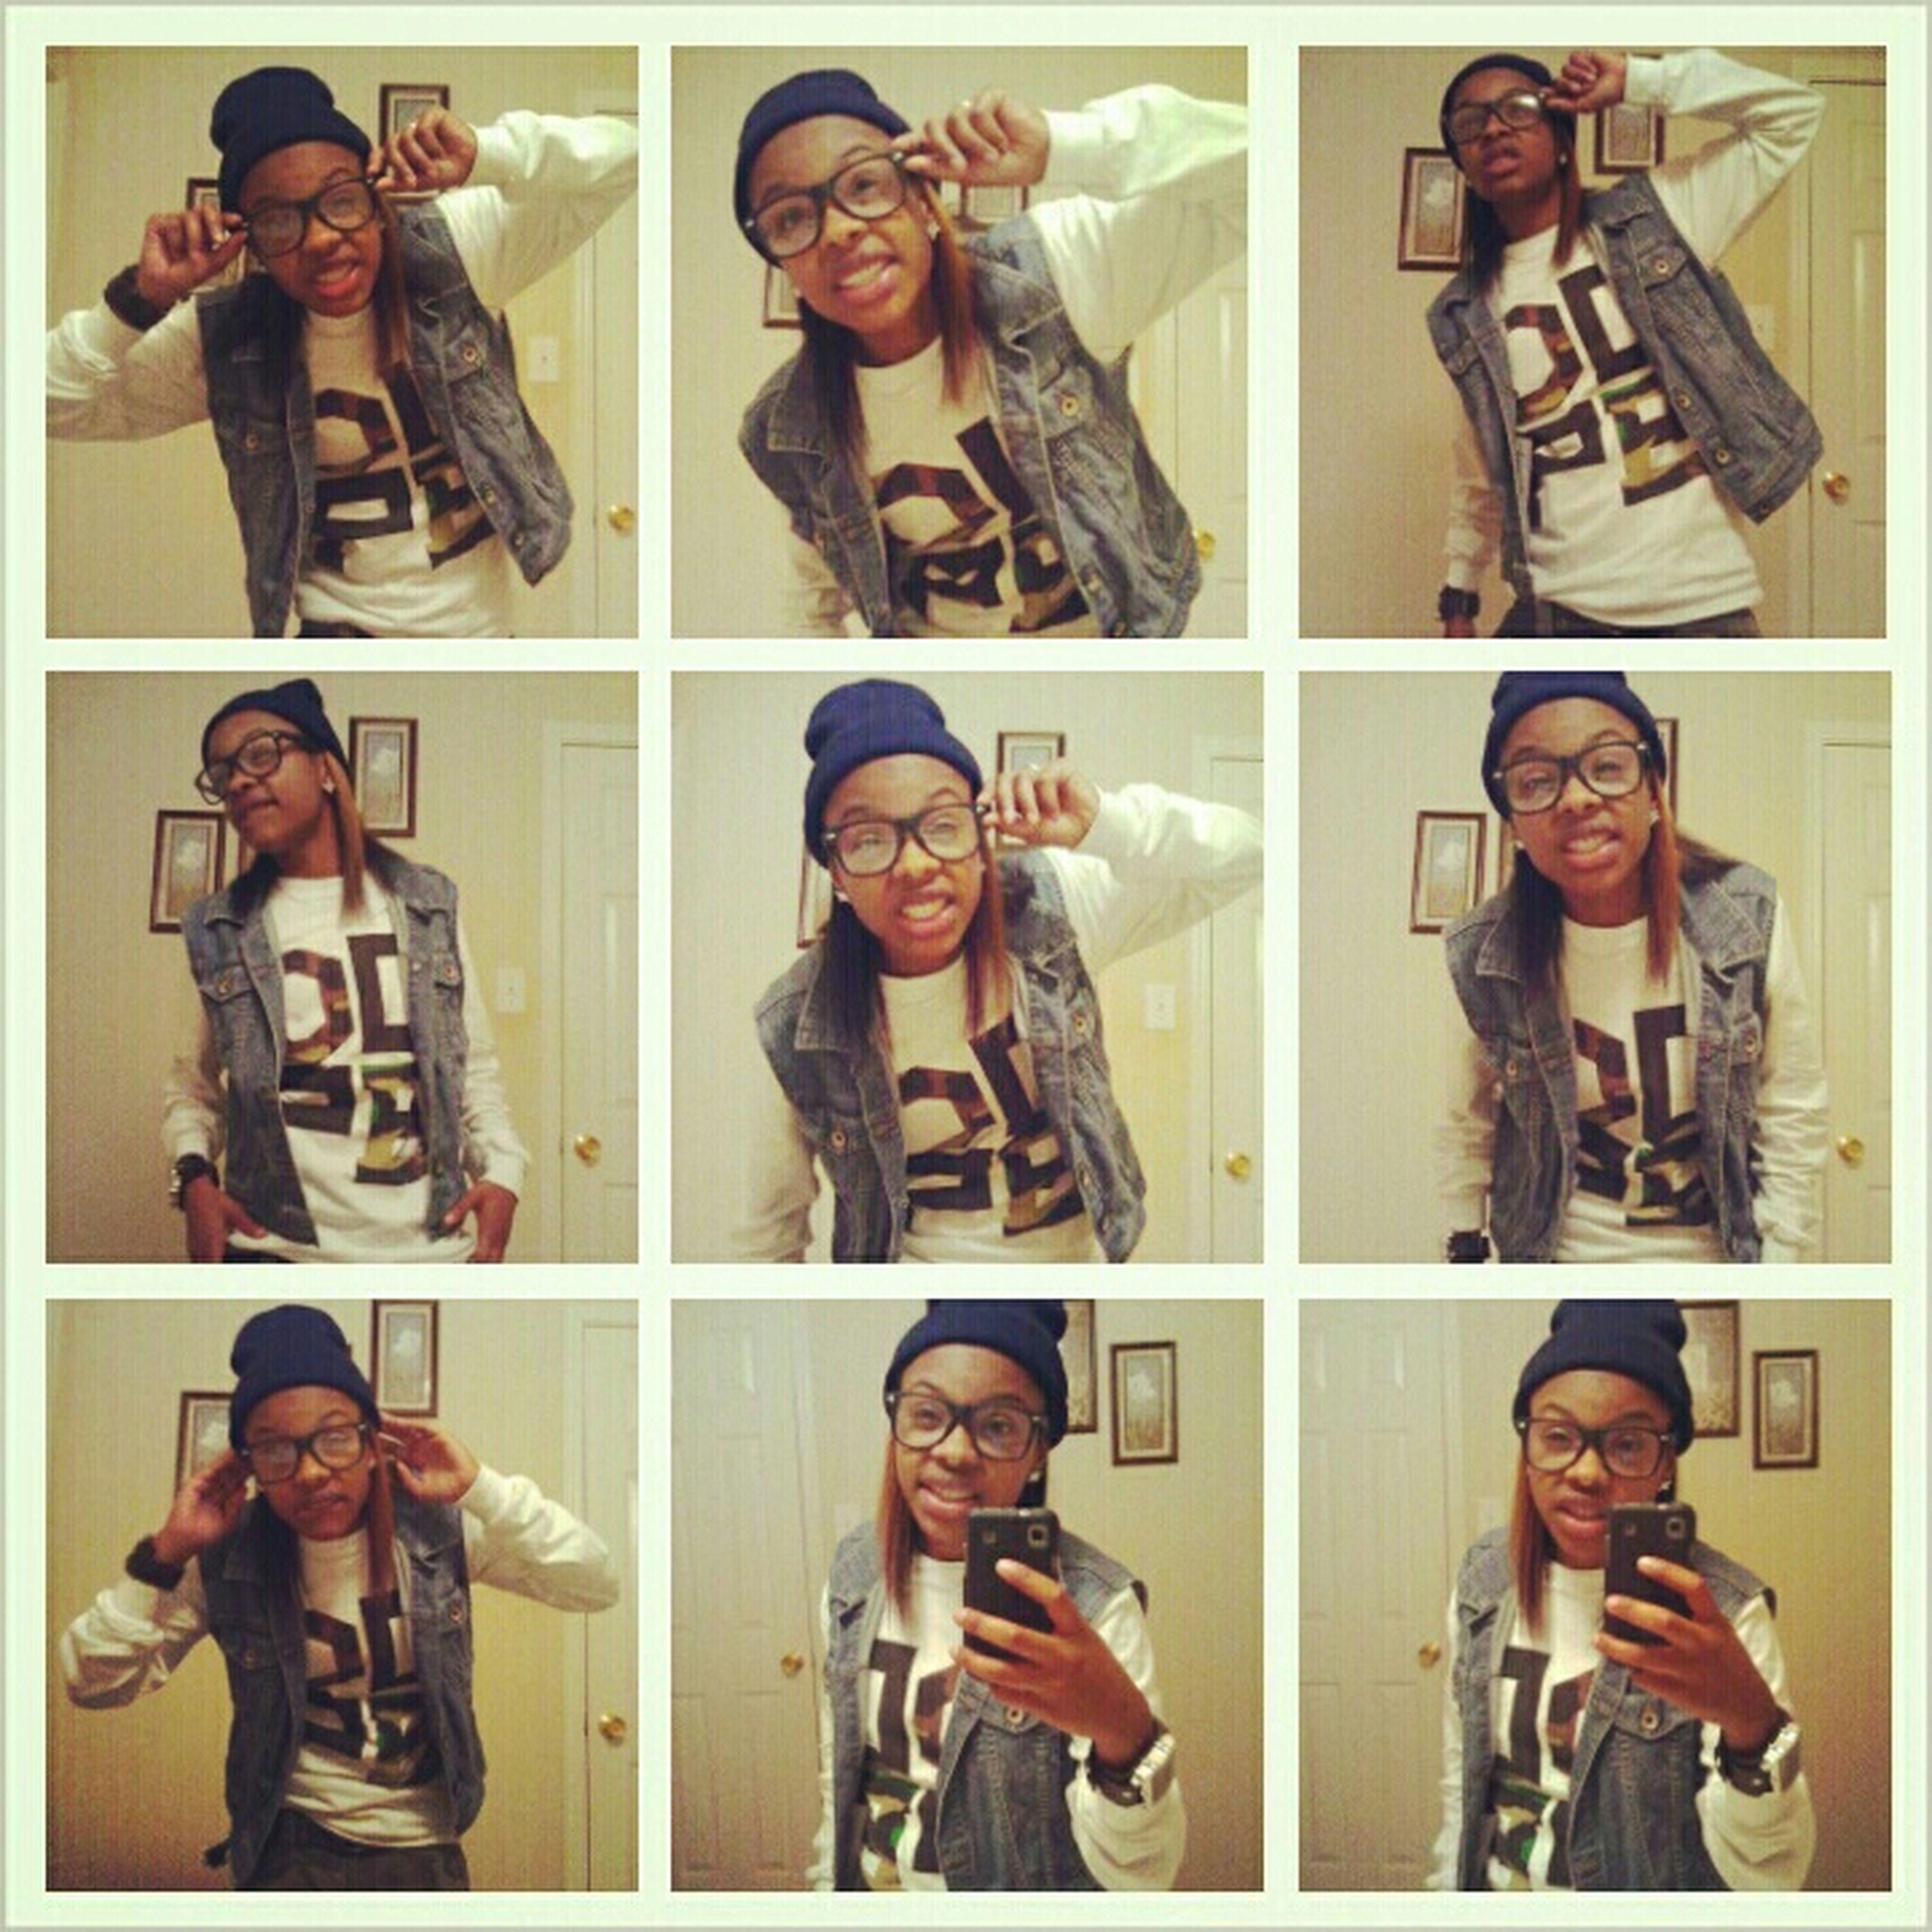 Im Cute #Swagg